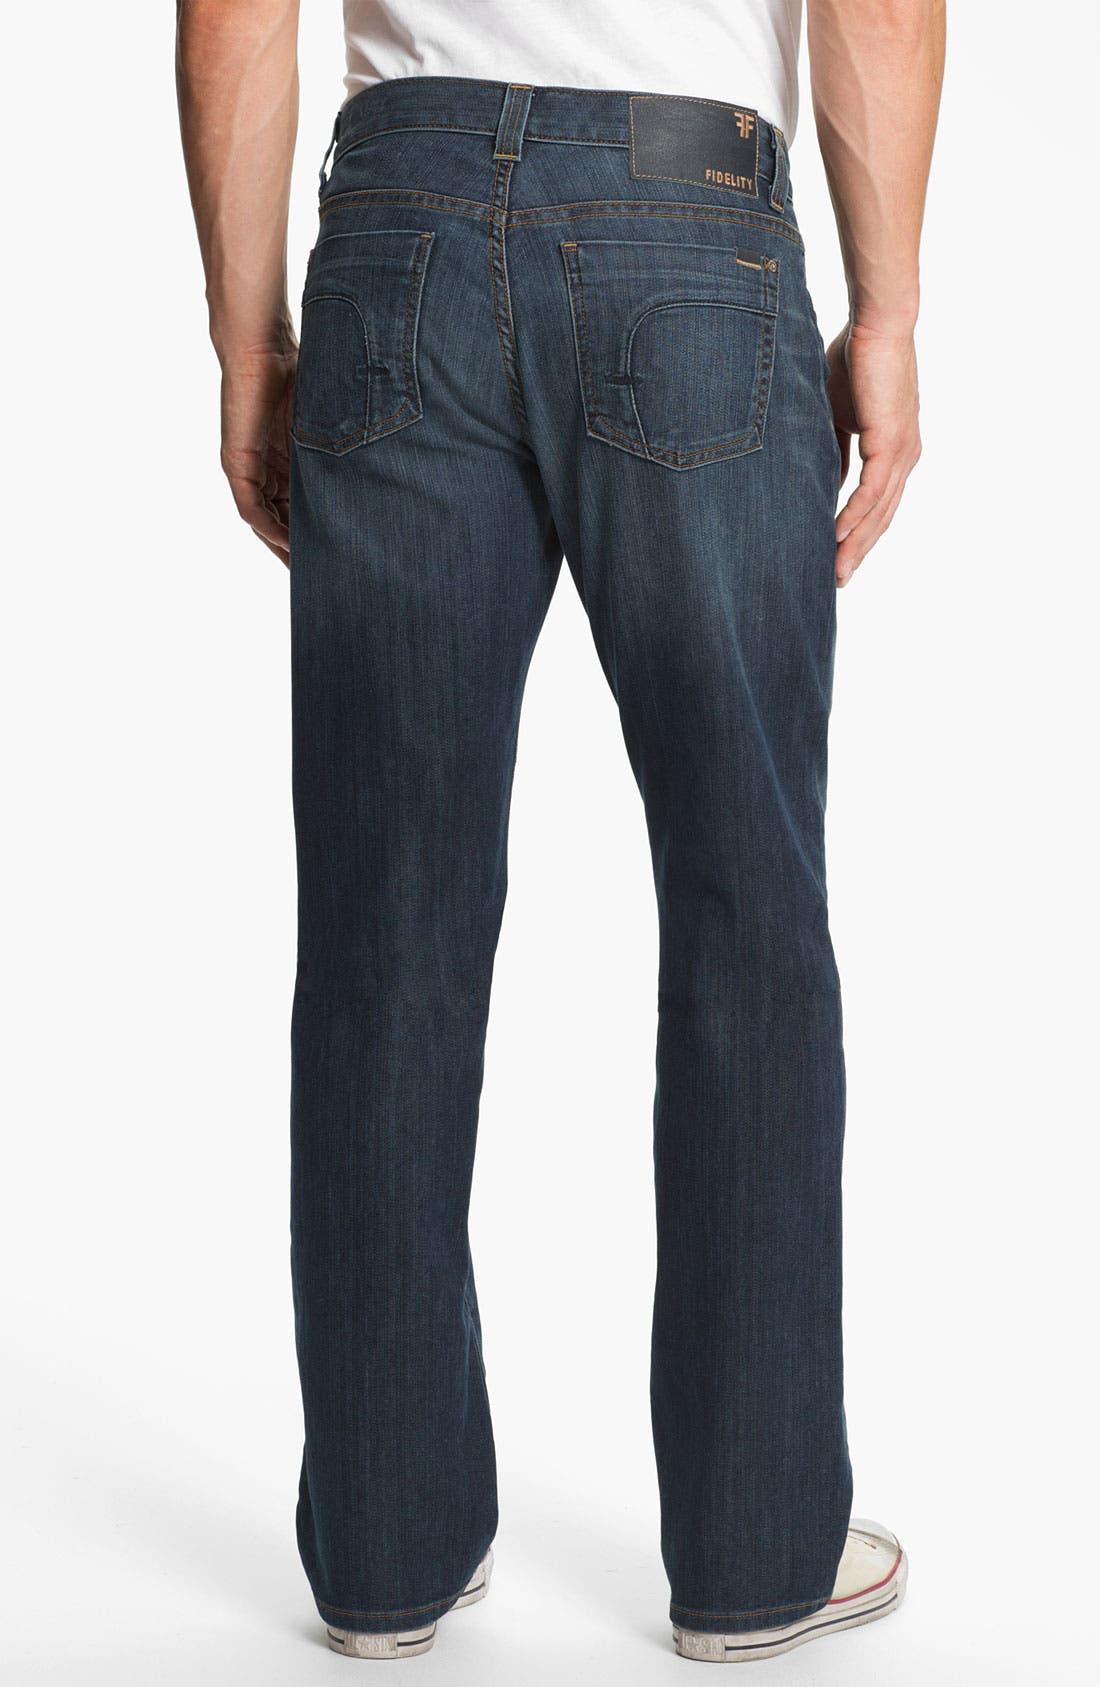 Alternate Image 2  - Fidelity Denim '5011' Straight Leg Jeans (Trigger Medium)